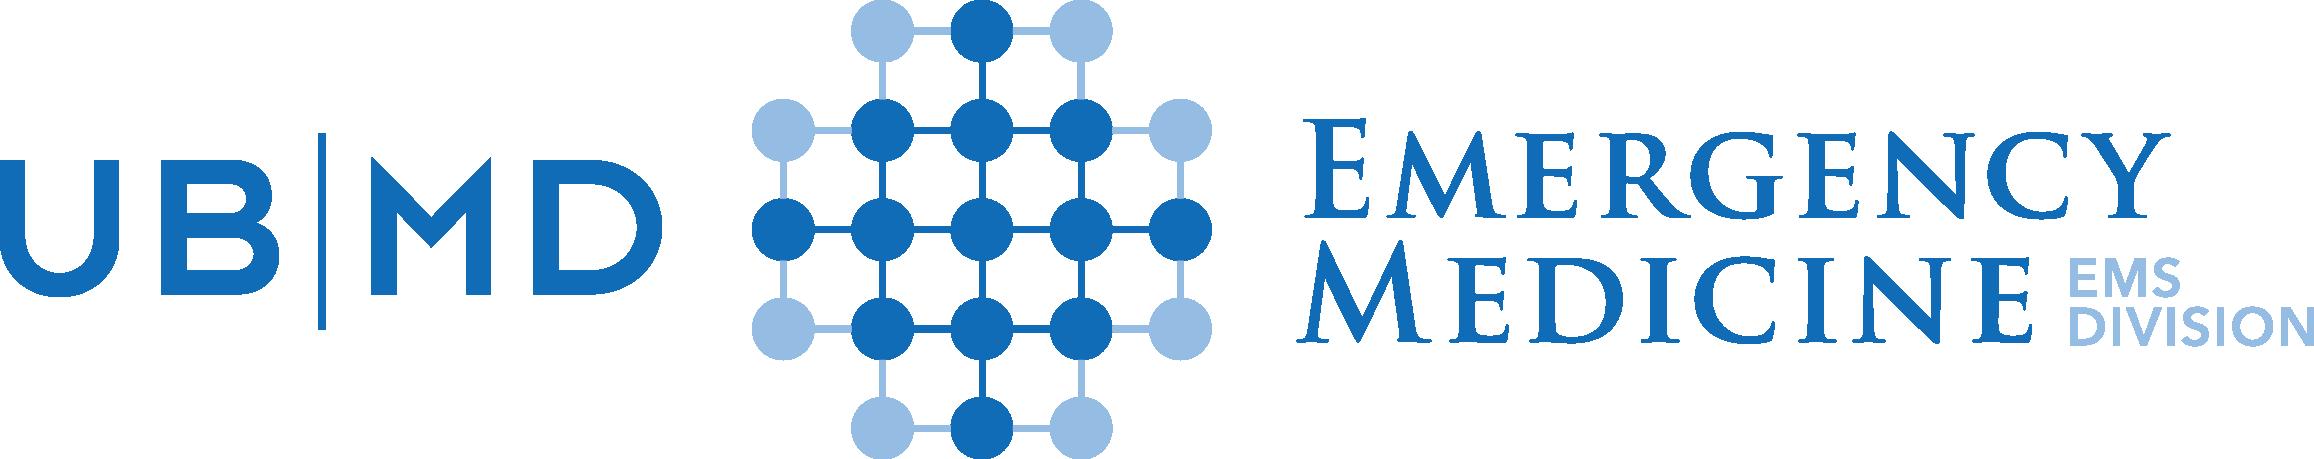 UB|MB Emergency Medicine EMS Division